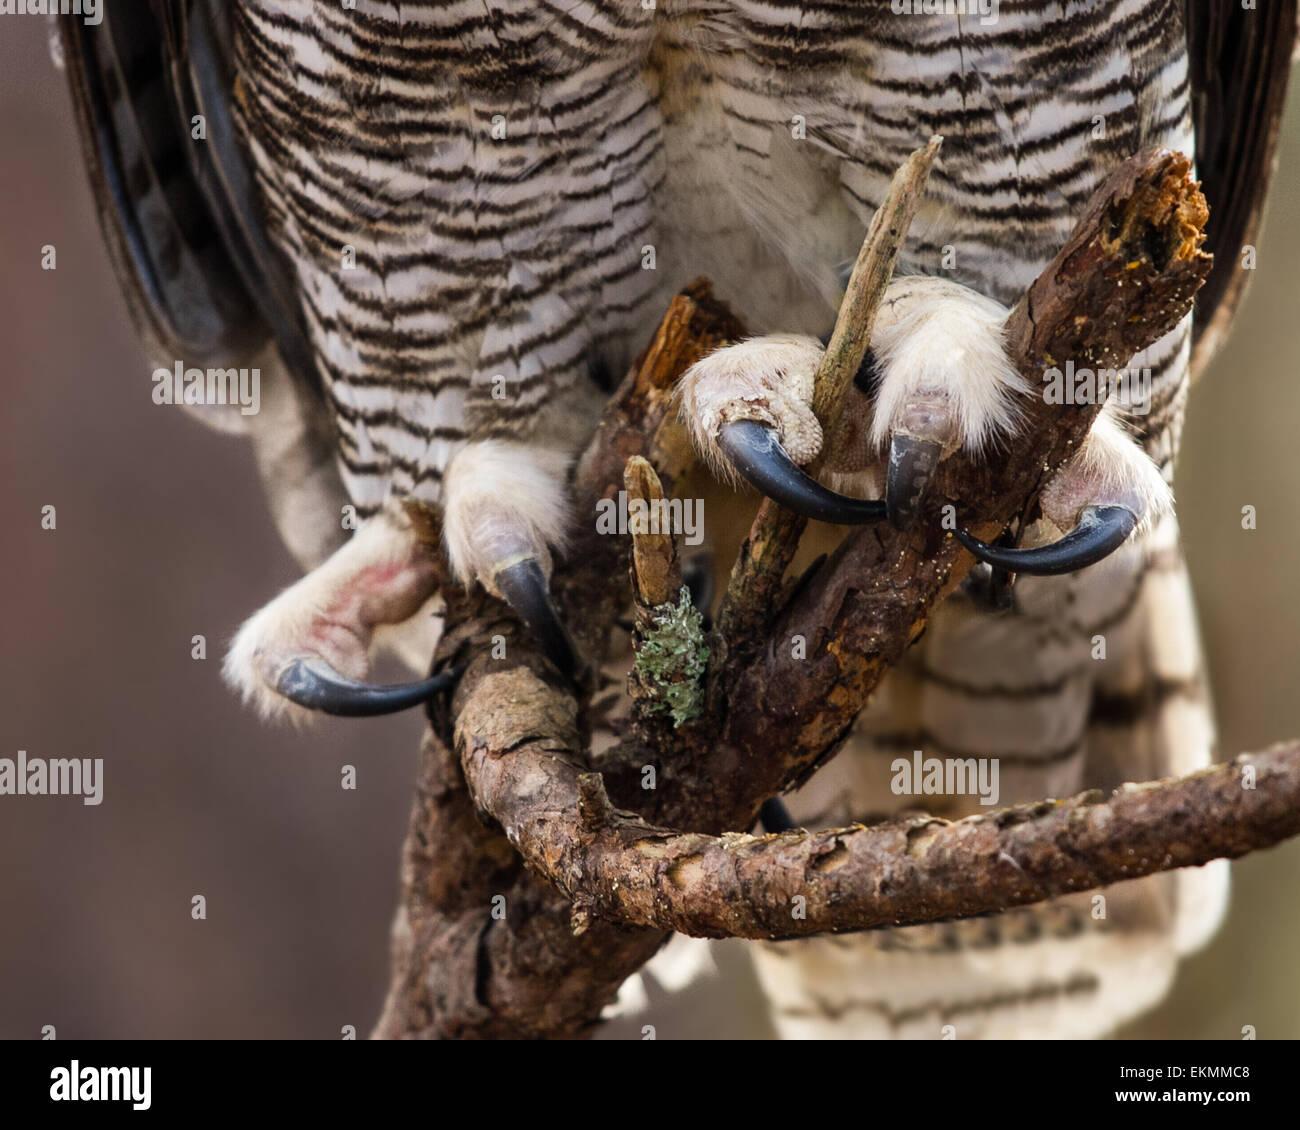 Eine Nahaufnahme von einem großen Uhus Krallen. Stockbild